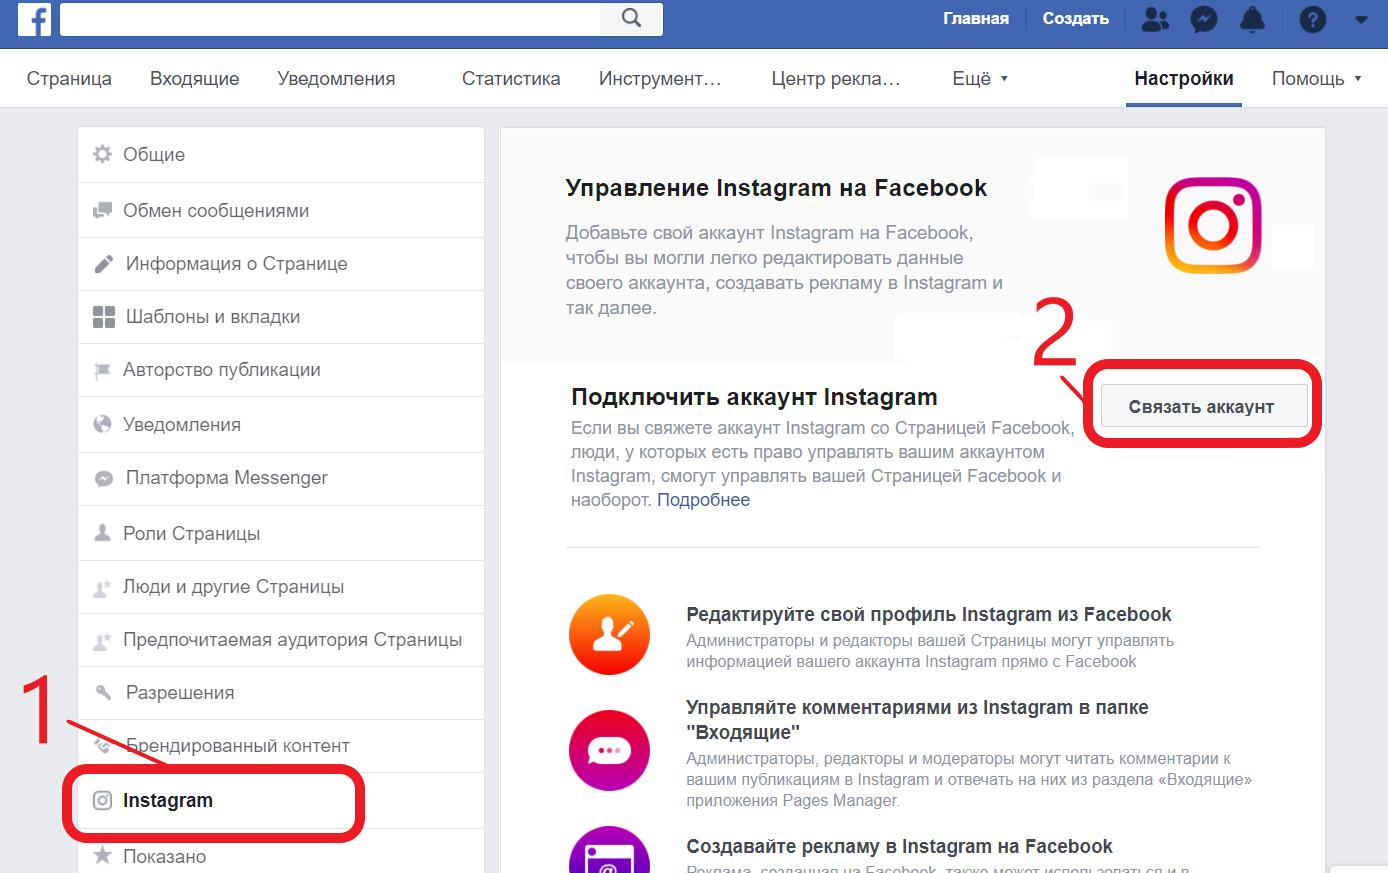 привязать инстаграм бизнес-аккаунт к бизнес-странице фейсбук